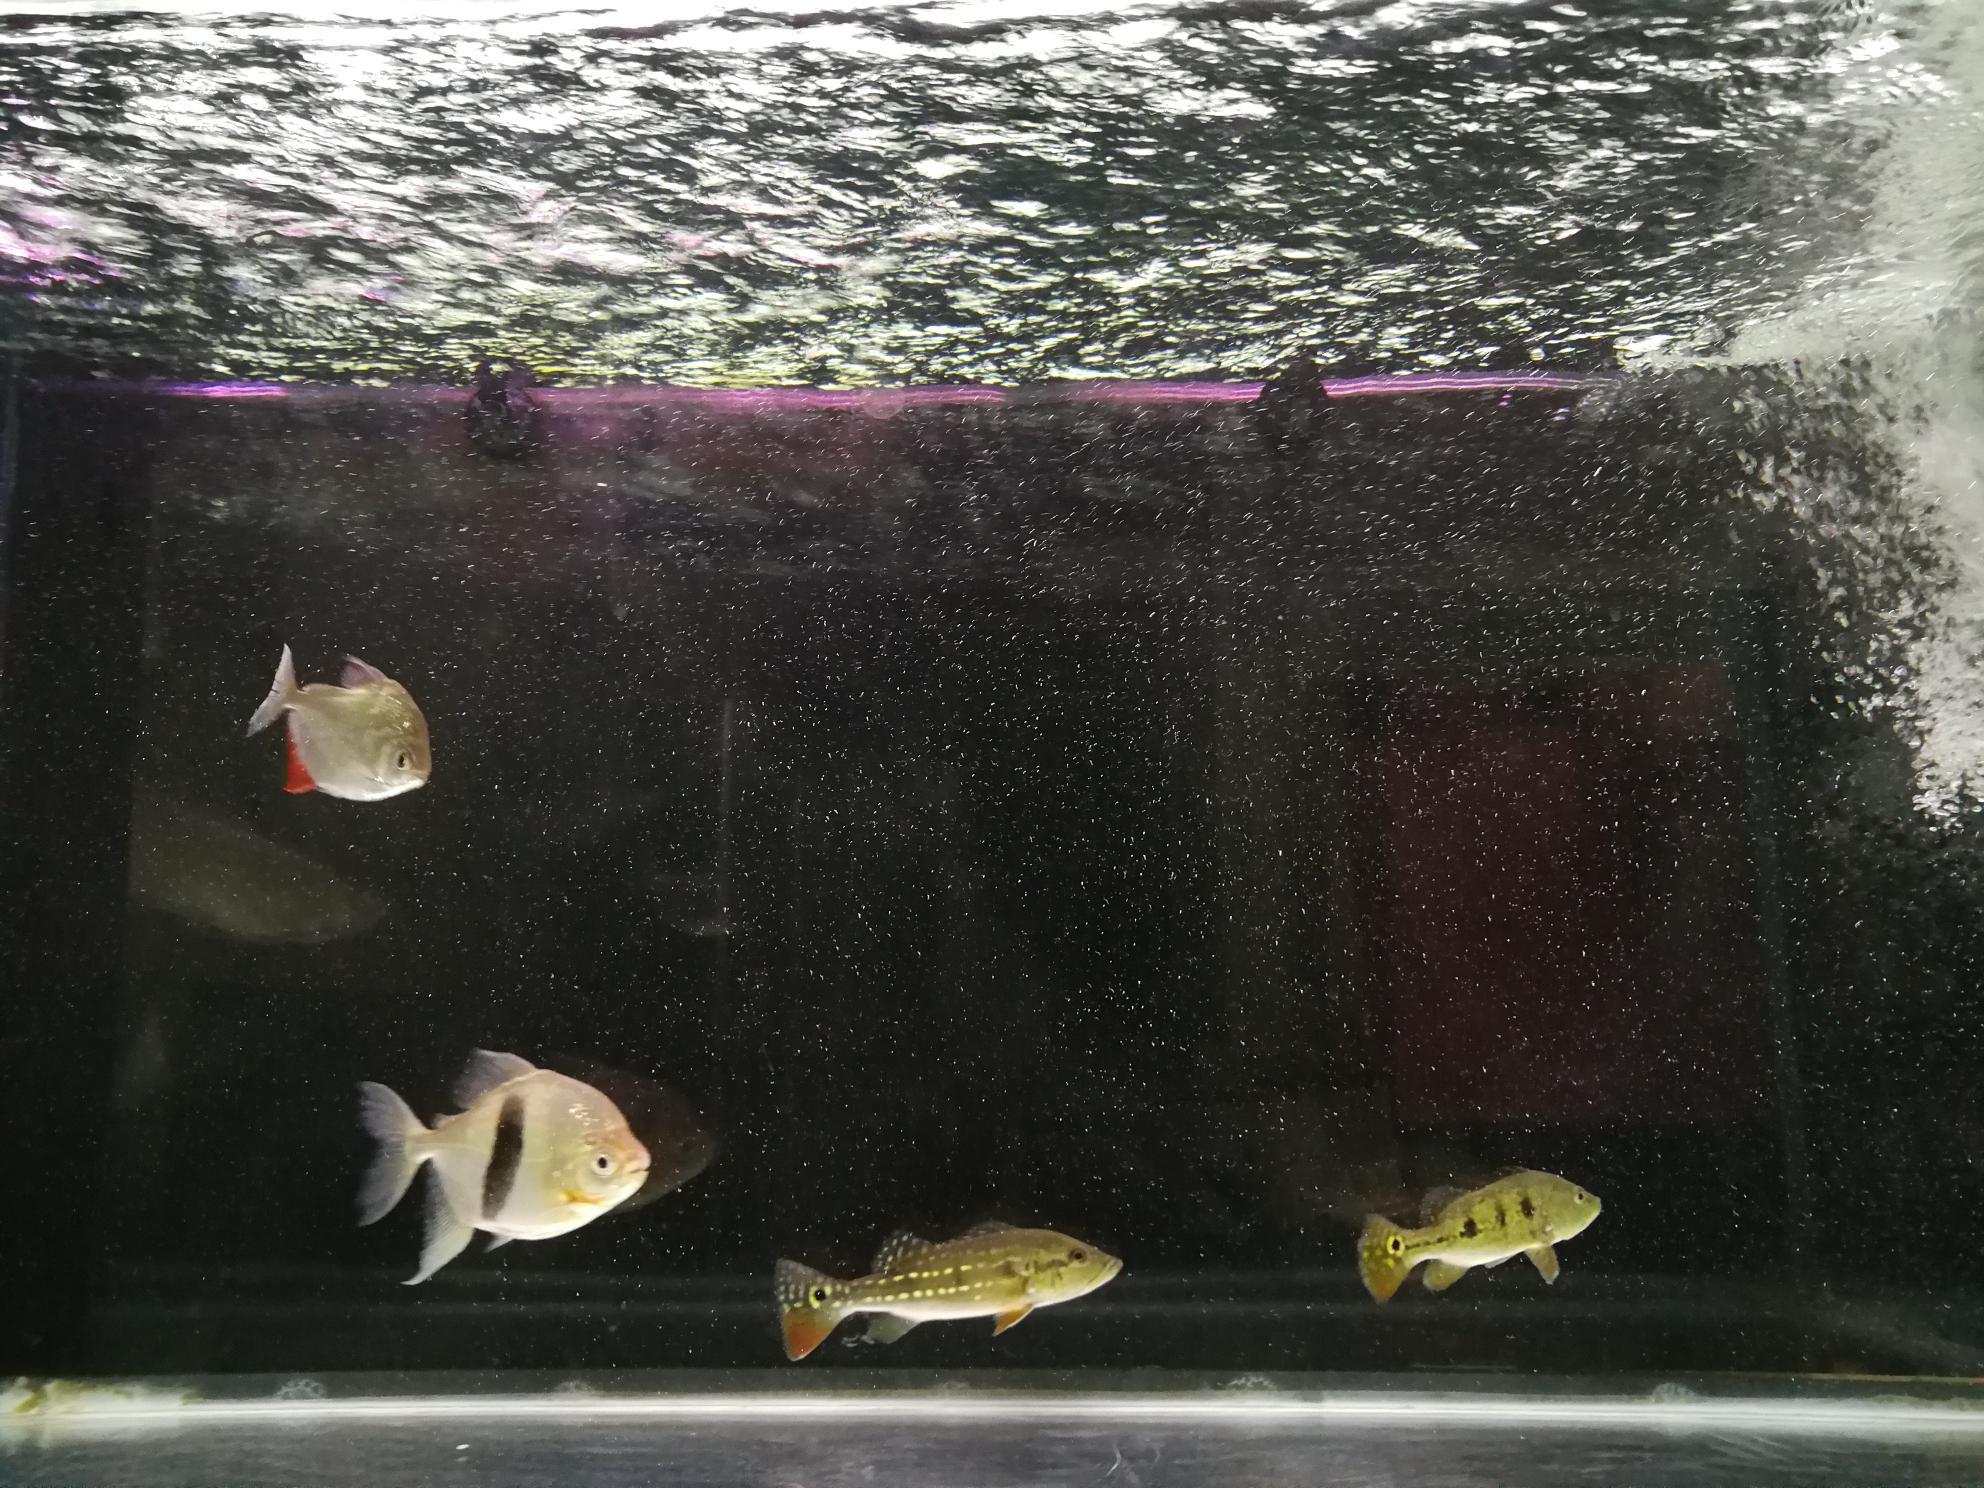 鱼缸里的水有水泡 西安观赏鱼信息 西安博特第4张